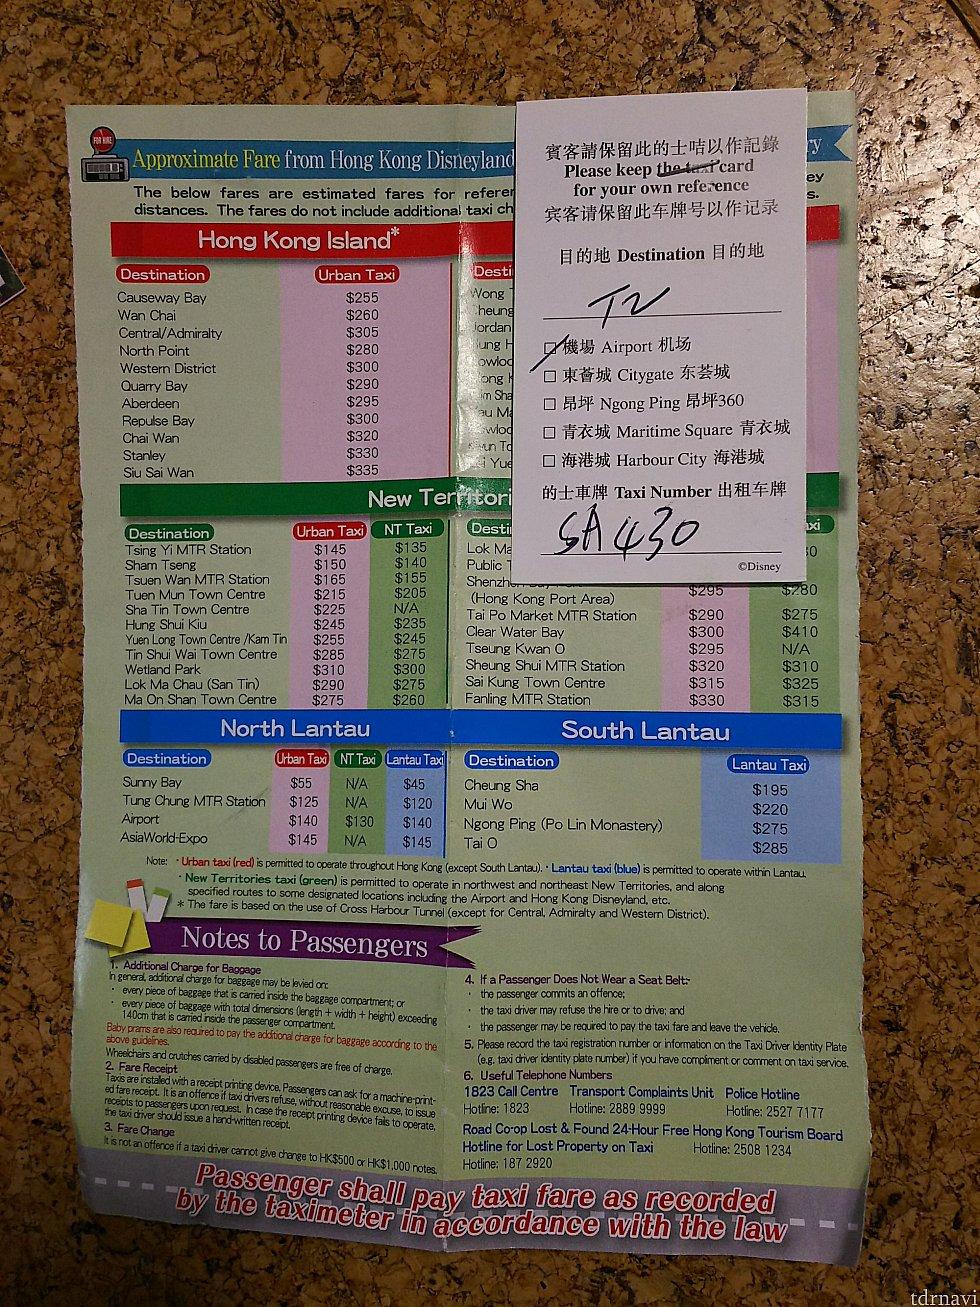 ホテルのドアマンキャストから貰える案内の紙。行き先・乗るタクシー番号と料金の案内の紙がセットになっています。